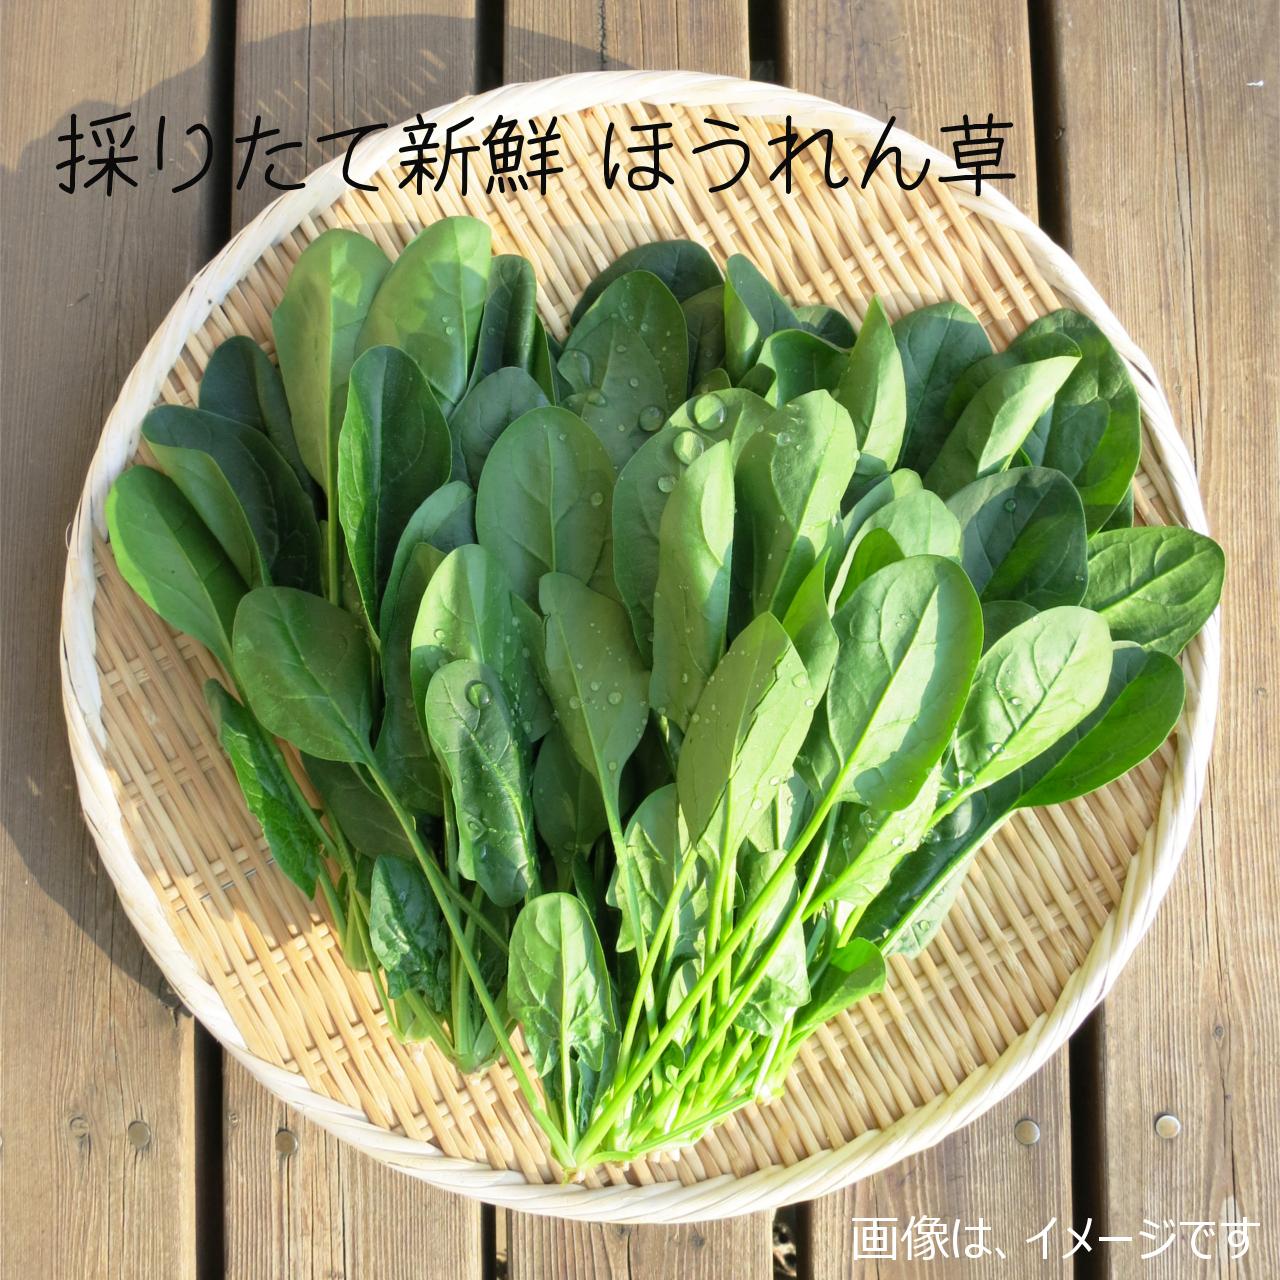 ホウレンソウ 約300g : 6月の朝採り直売野菜 春の新鮮野菜 6月13日発送予定